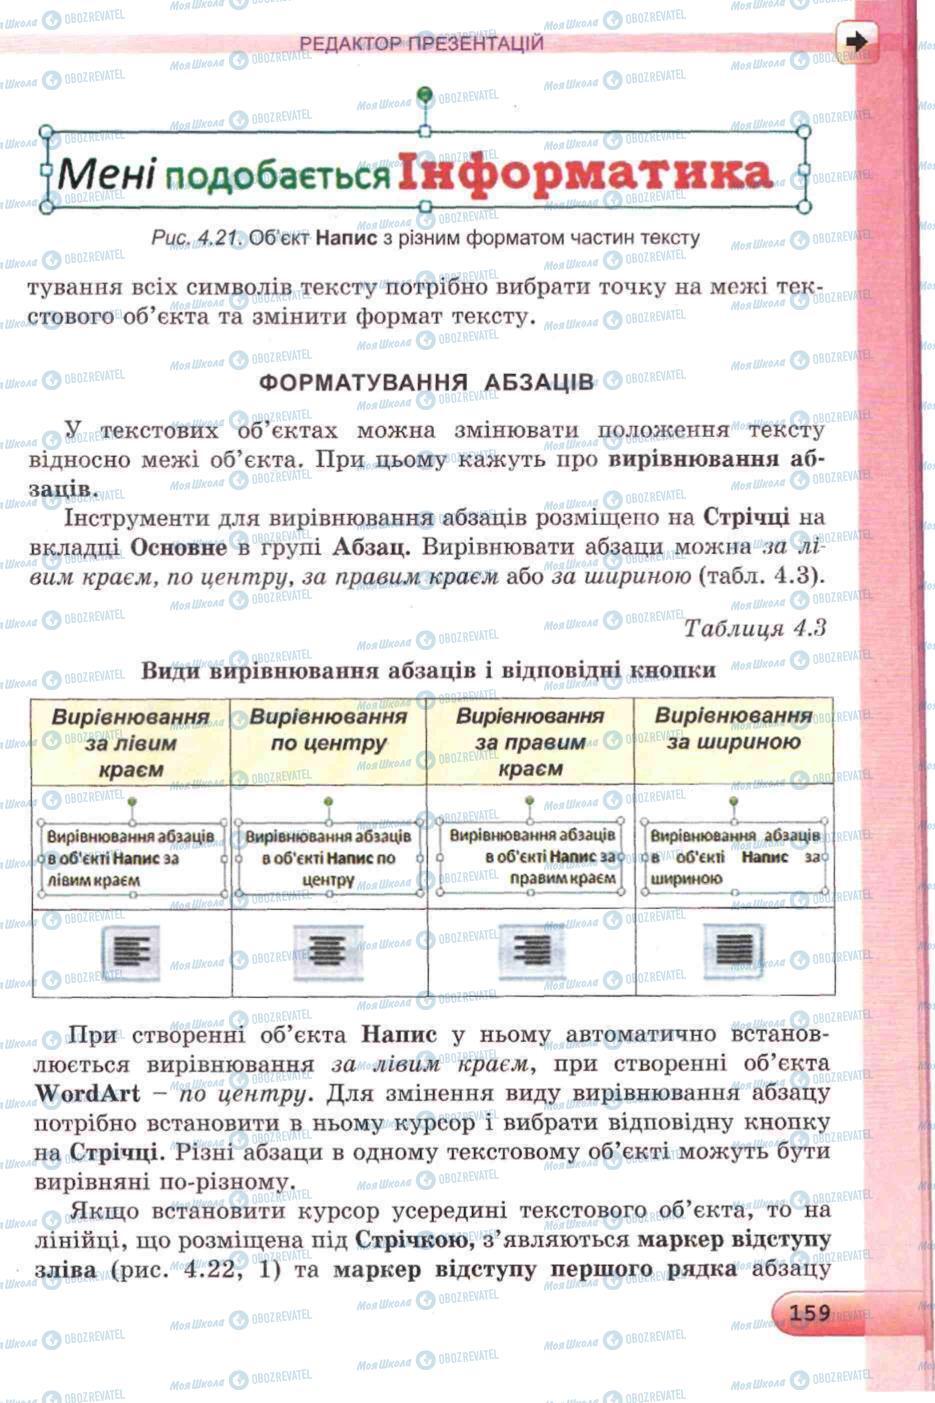 Підручники Інформатика 5 клас сторінка 159